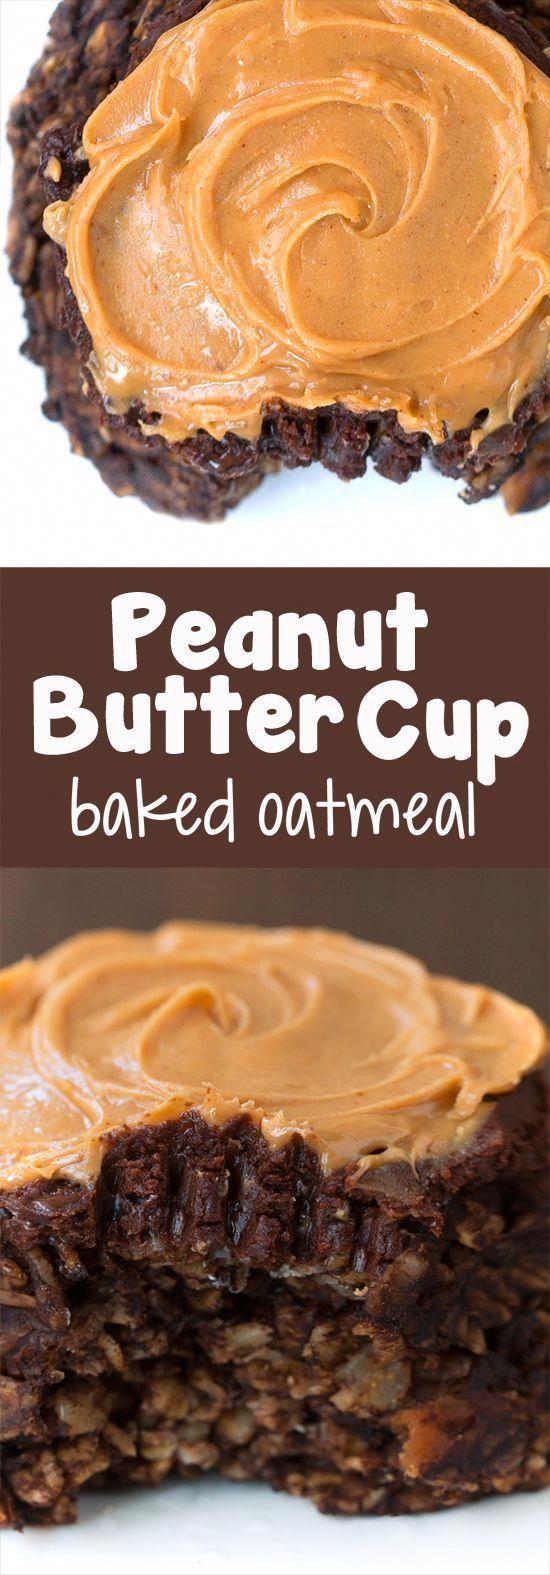 Erdnussbutter-Schoko-Haferflocken für ein gesundes Frühstück, das schmeckt wie ...   - healthy fast food breakfast -